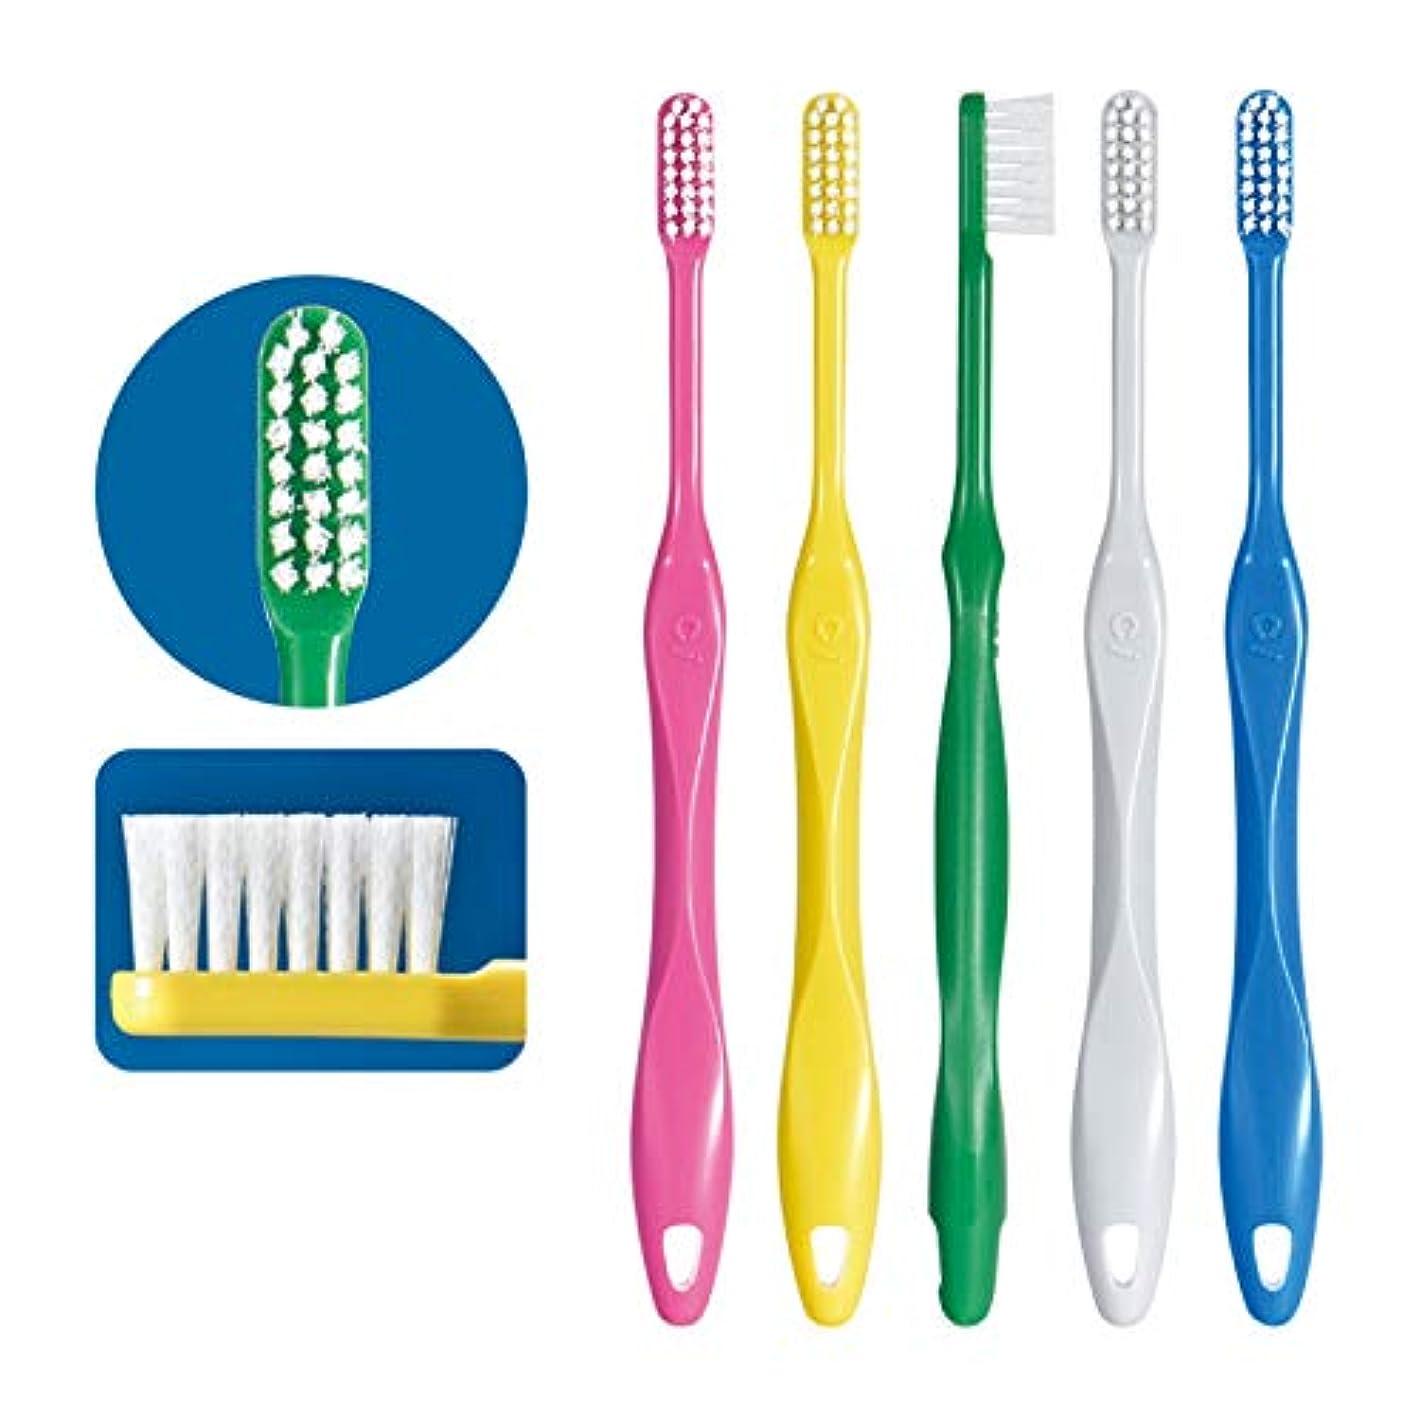 謝罪する確率空Ci スマート 歯ブラシ 20本 S(やわらかめ) 日本製 大人用歯ブラシ 歯科専売品